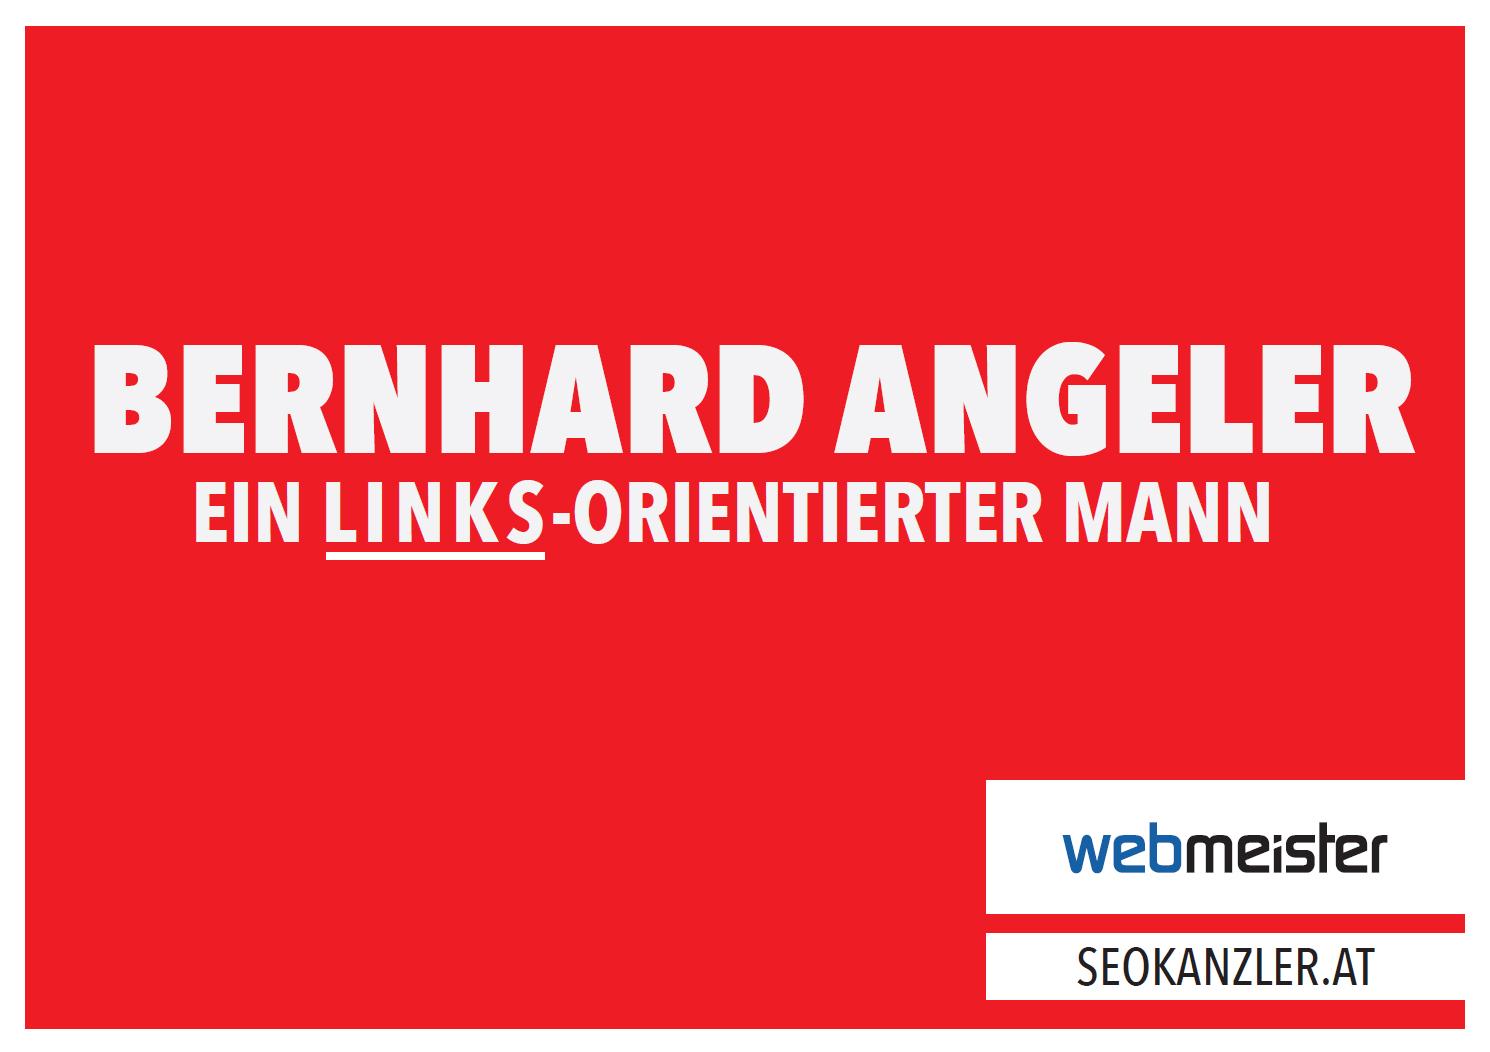 www.webmeister.at/seokanzler.jpg